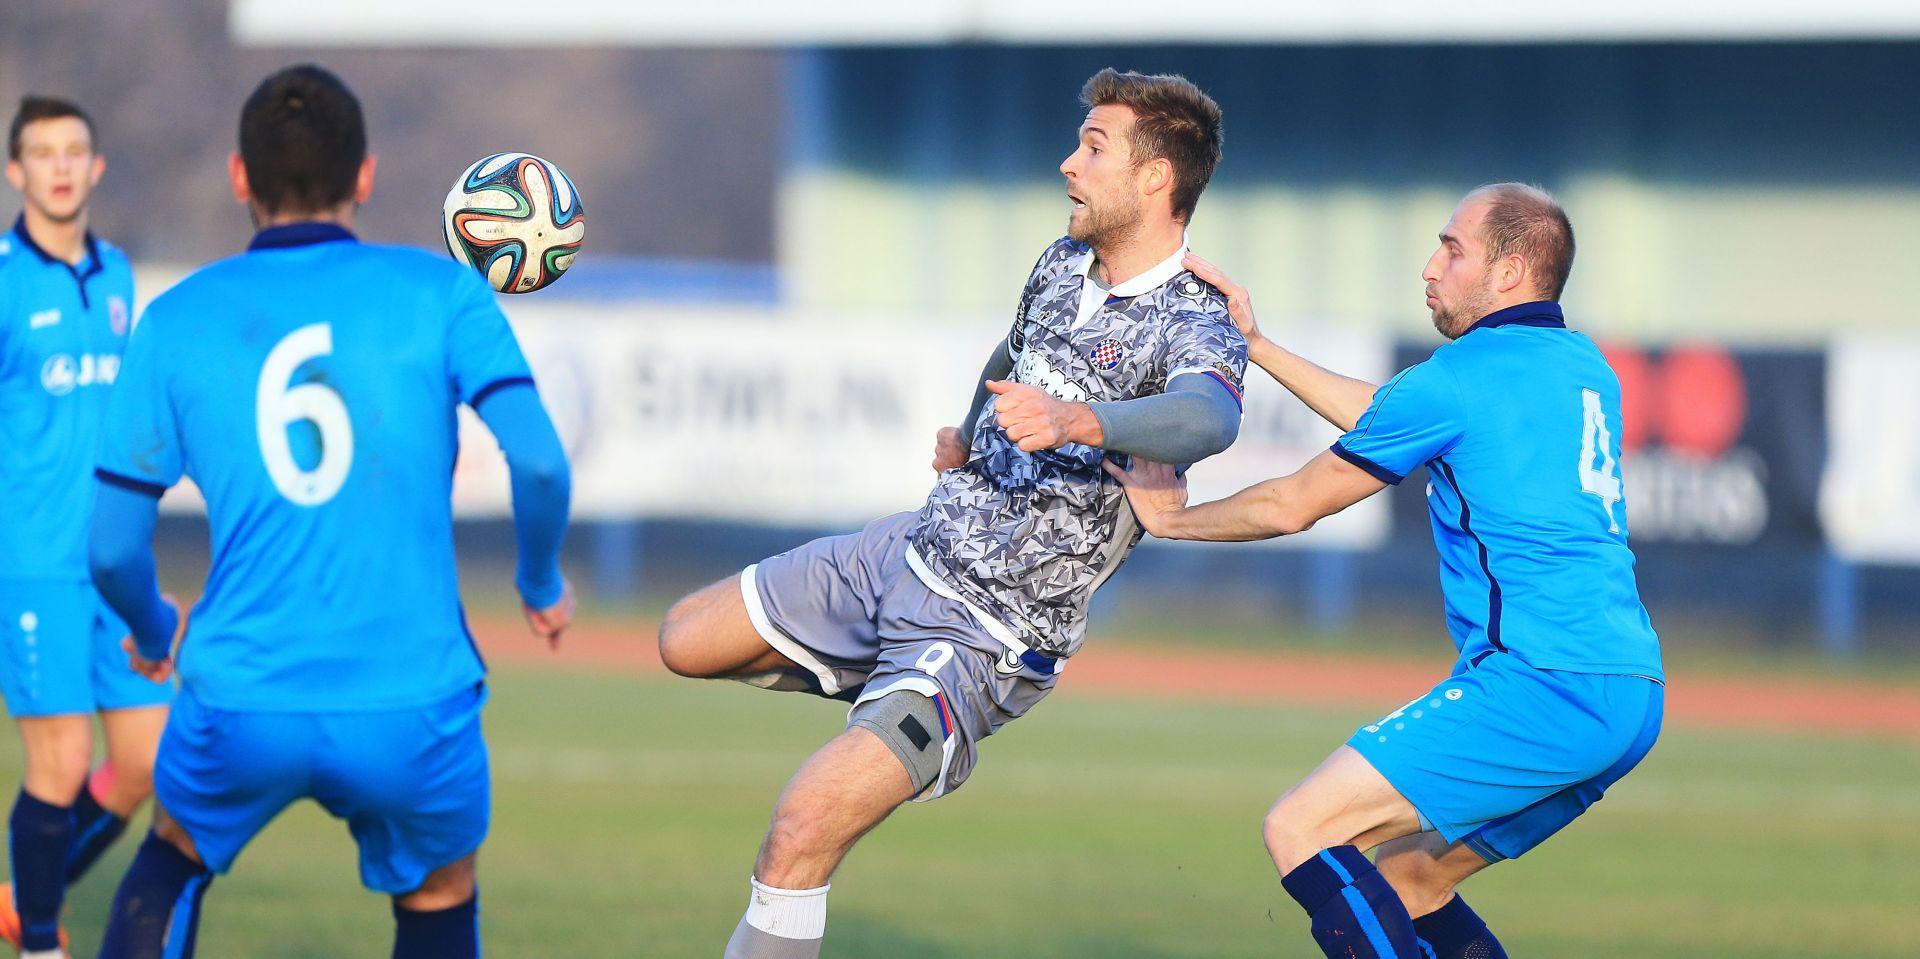 BURNO U VINKOVCIMA Četiri crvena kartona, Futacs zabio dva gola u sudačkoj nadoknadi za preokret Hajduka